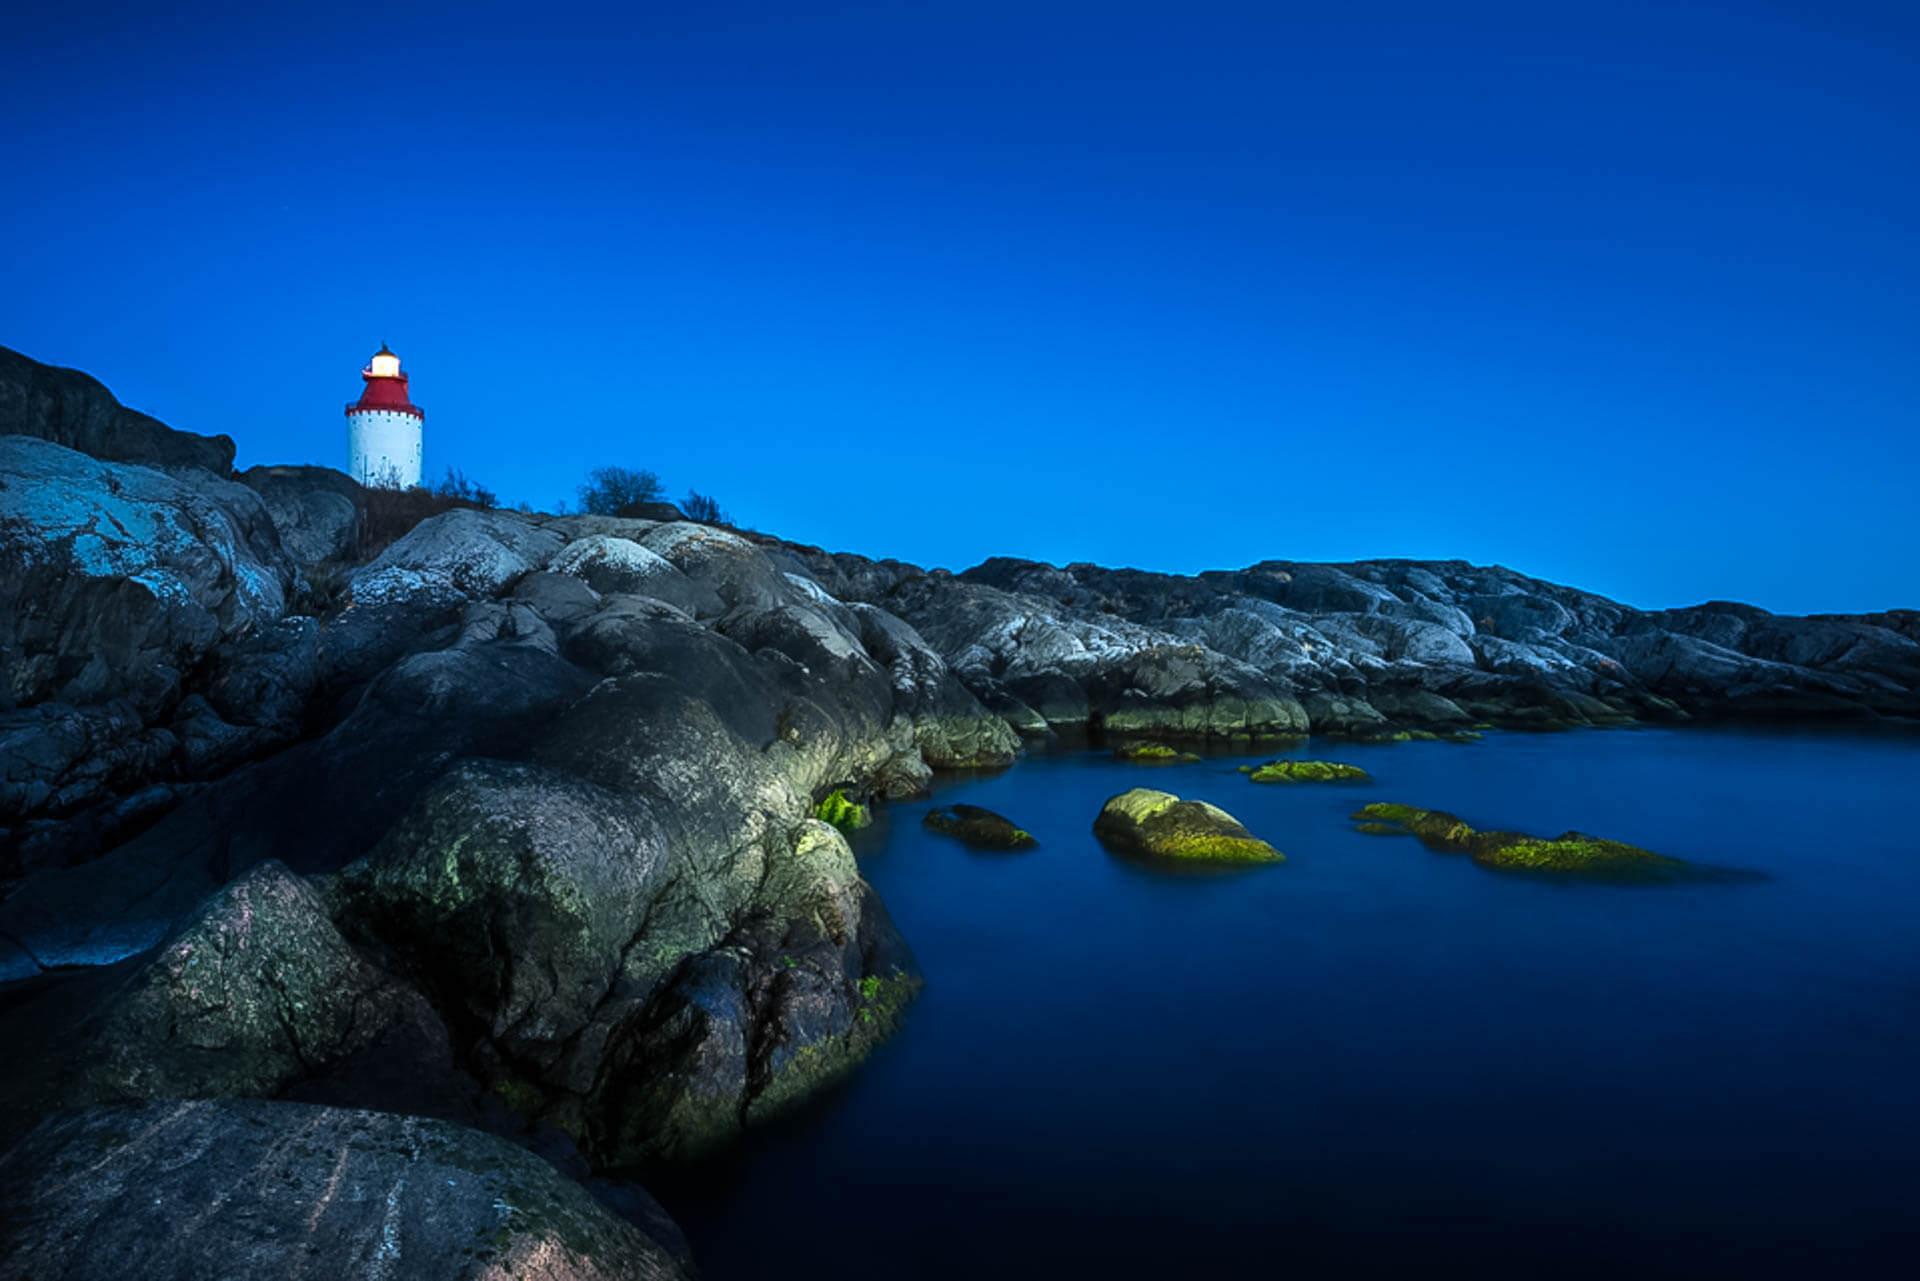 Naturfotografering landsort. Lär dig naturfotografering och upplev fantastiskt landskap.